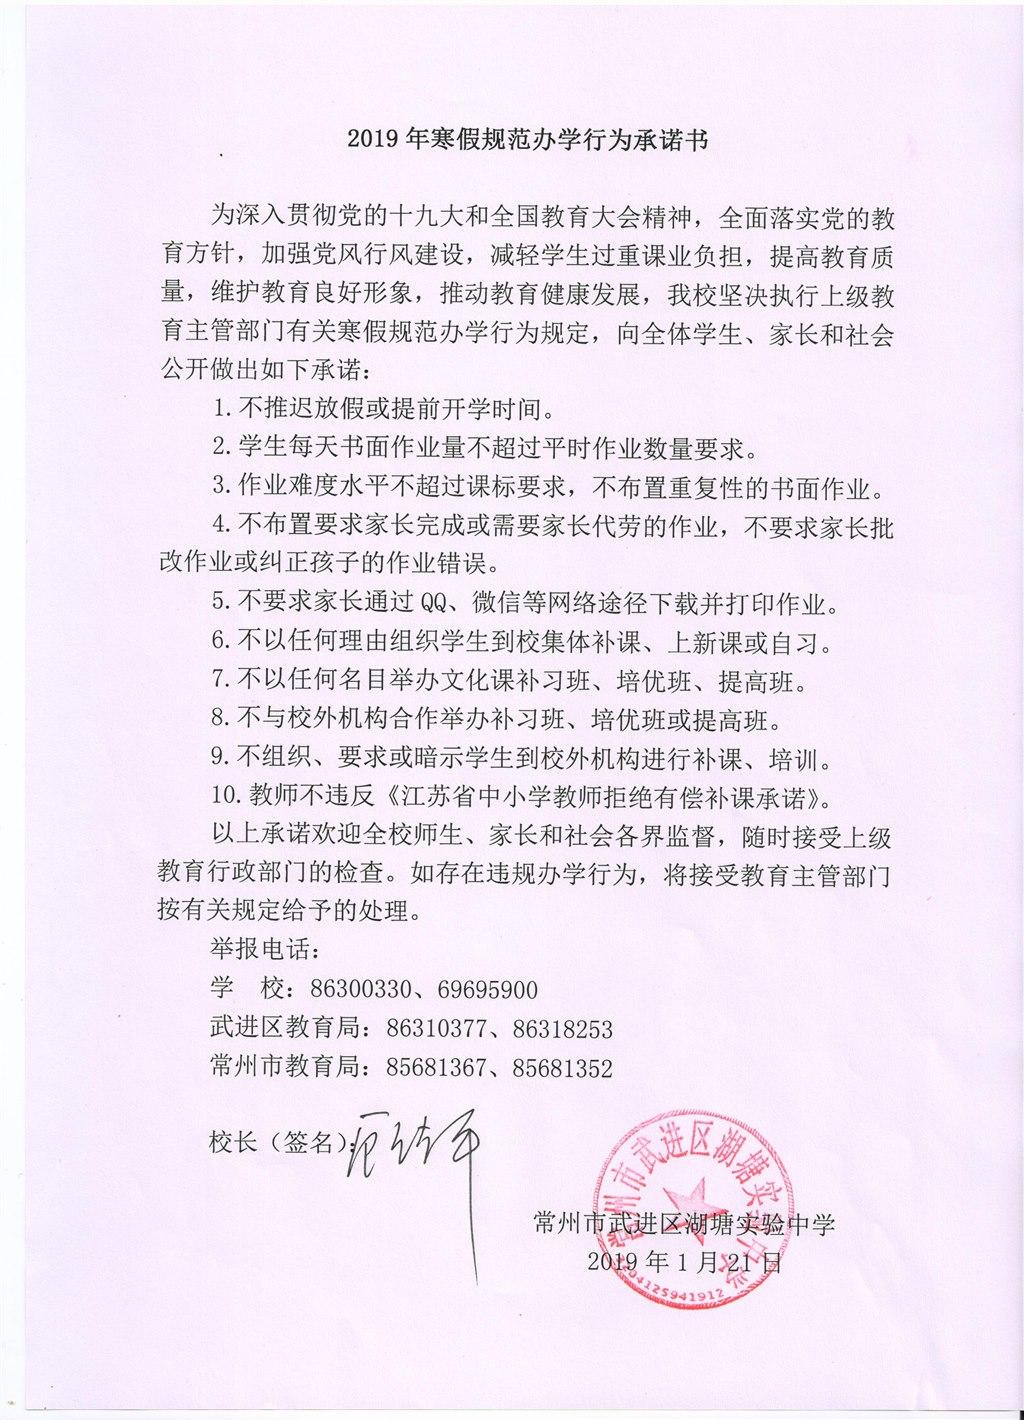 彩票332019年寒假规范办学行为承诺书.jpg